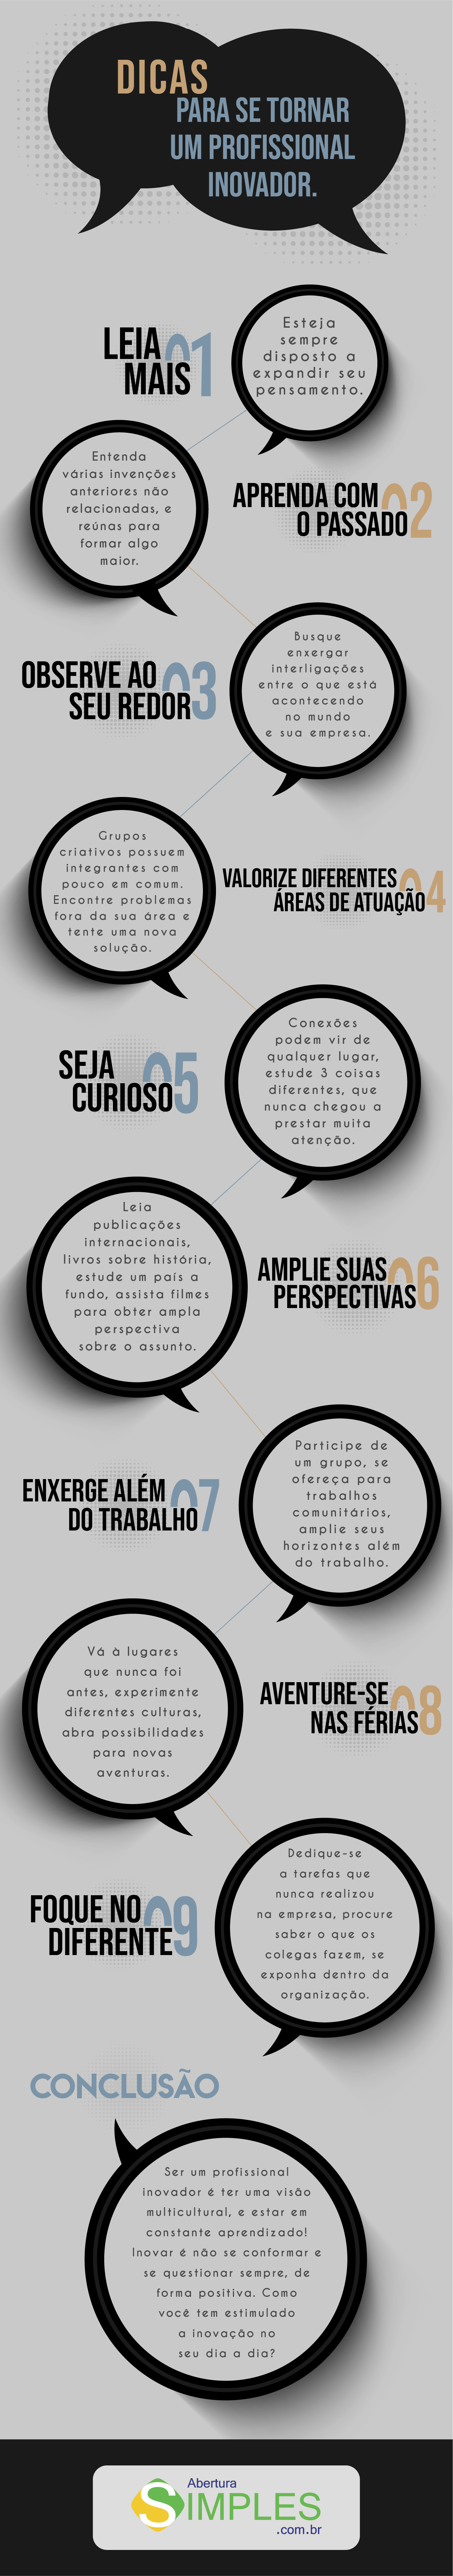 Imagem do infográfico, onde constam dicas de como de tornar um profissional inovador